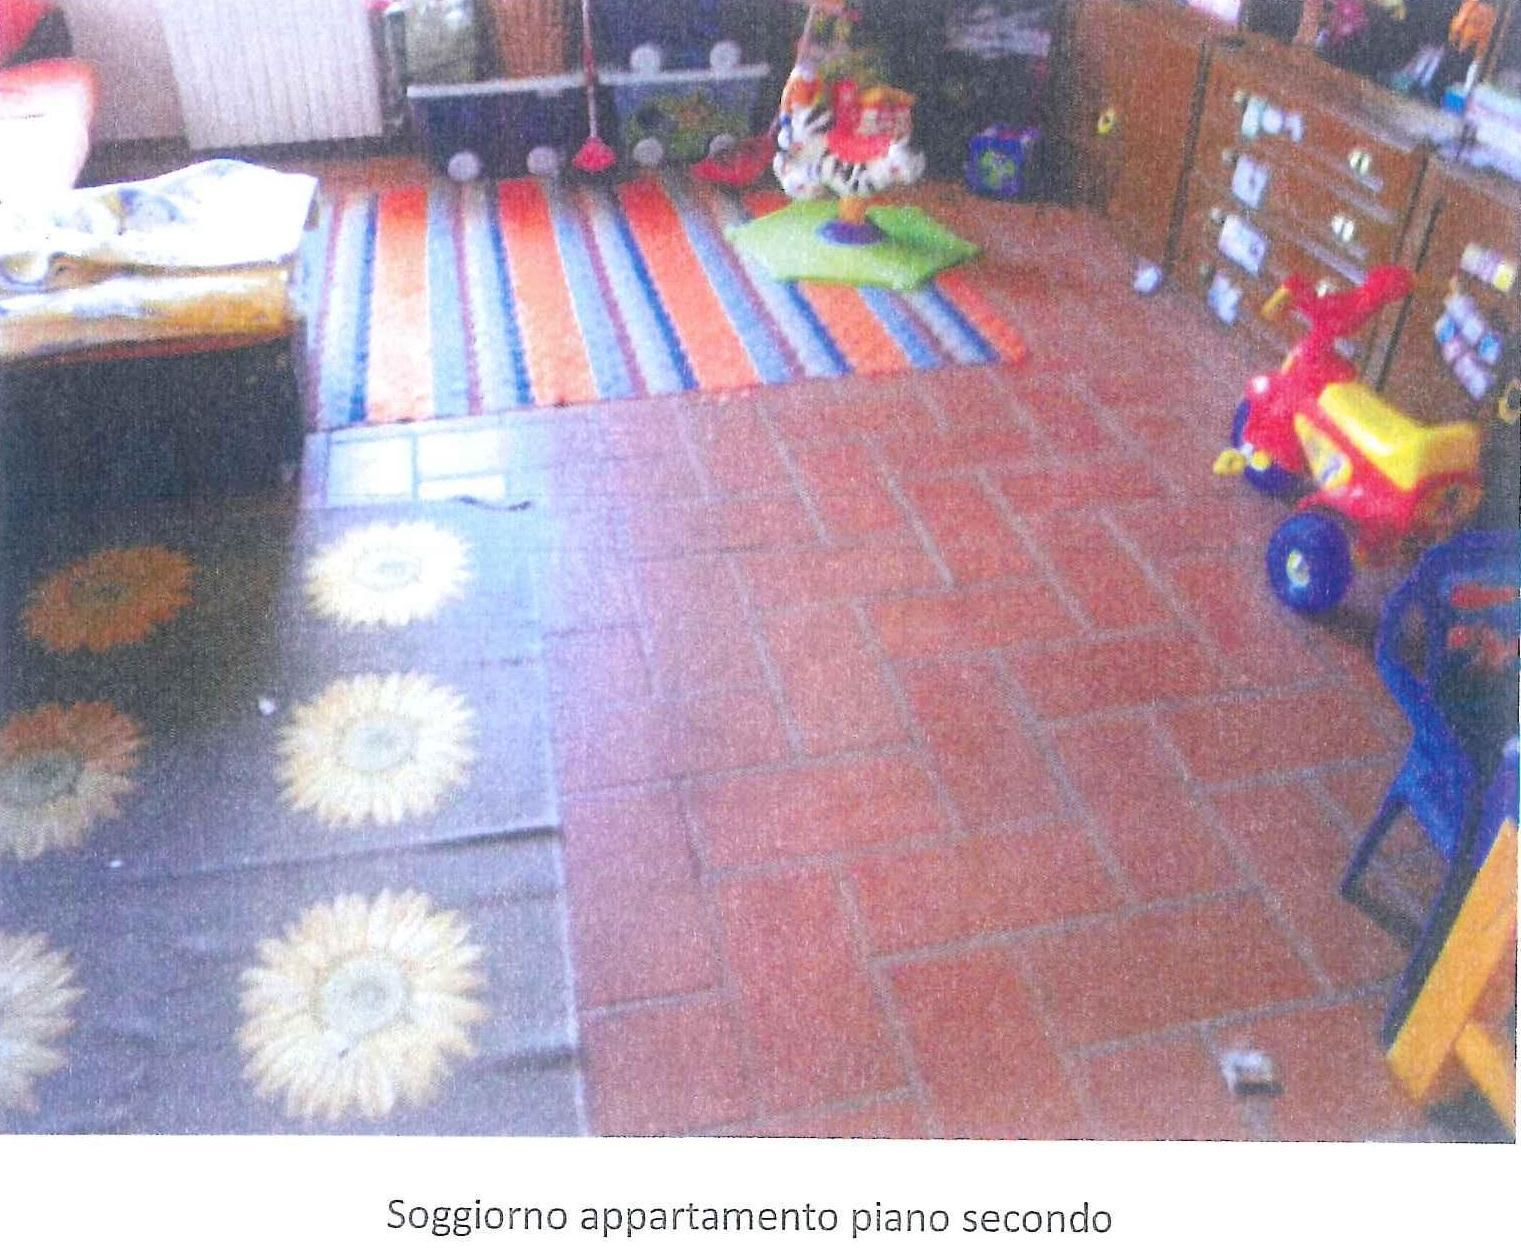 Negozio / Locale in vendita a Gavirate, 9999 locali, prezzo € 21.000 | PortaleAgenzieImmobiliari.it